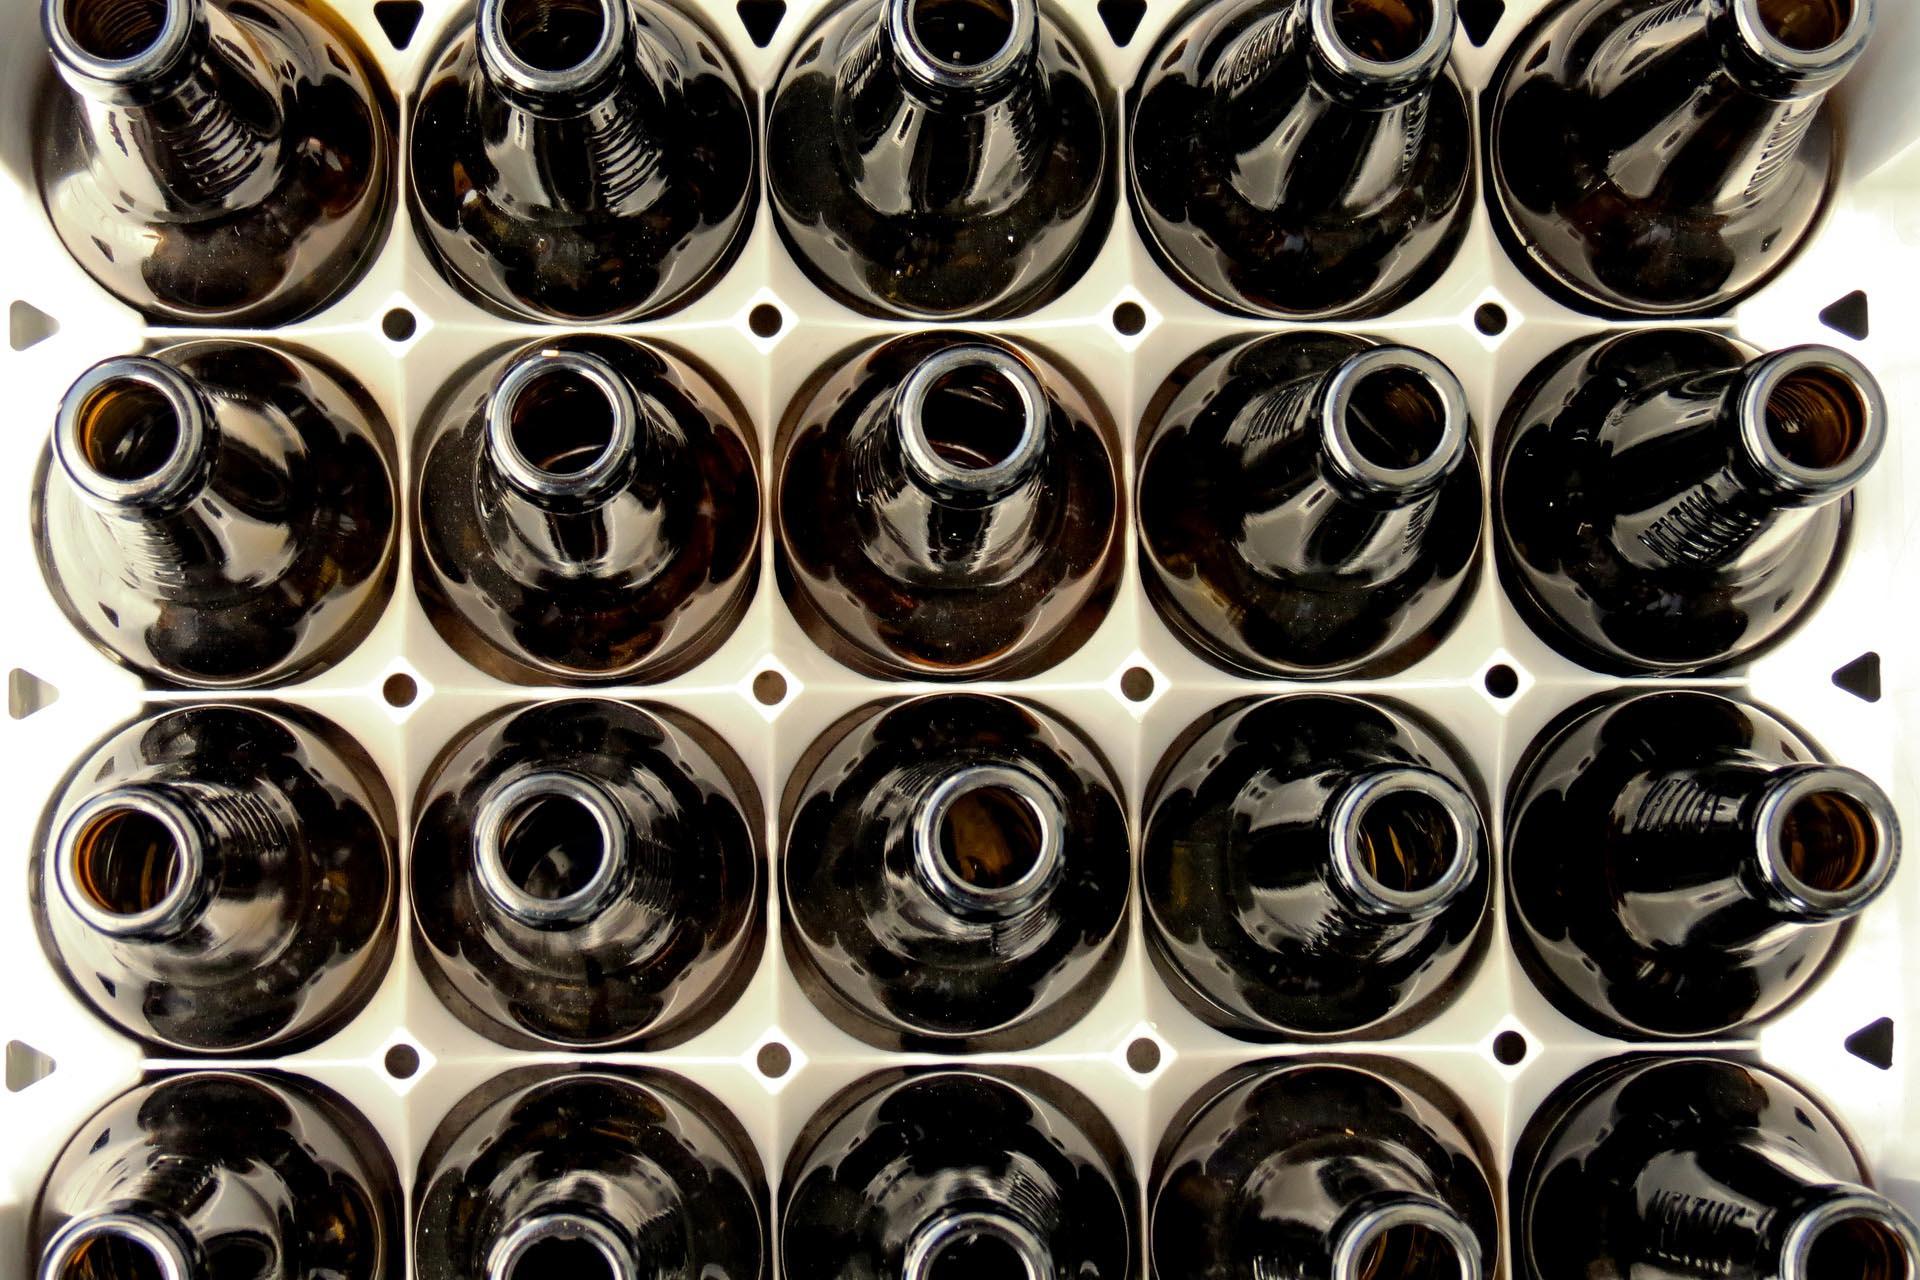 Bierkiste von oben mit geöffneten Bierflaschen